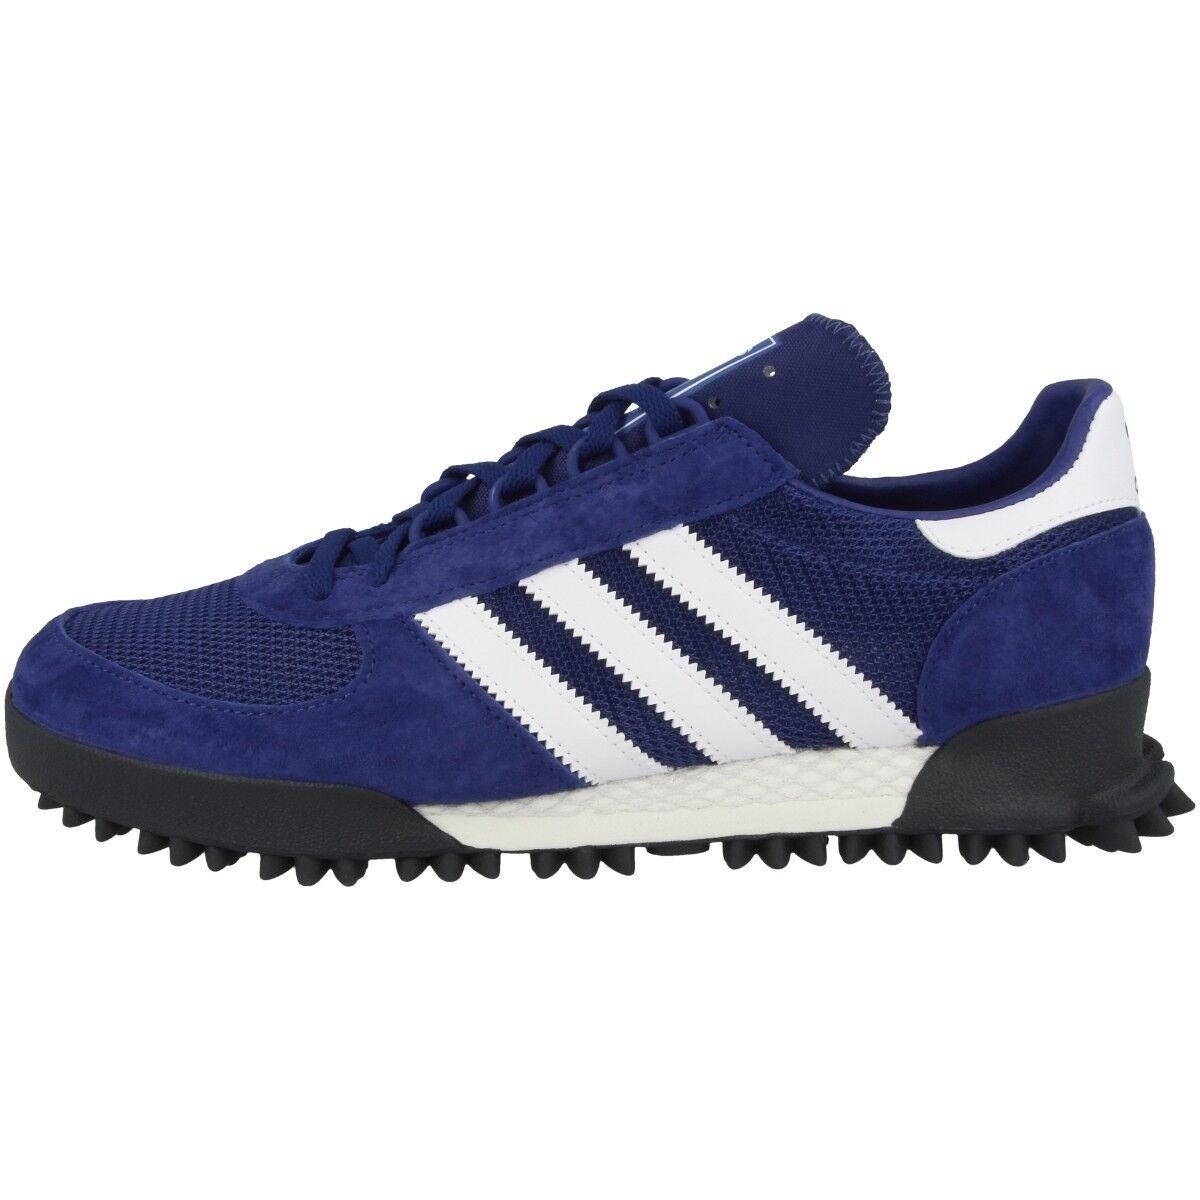 Adidas TR zapatos Originals cortos caballero zapatillas azul